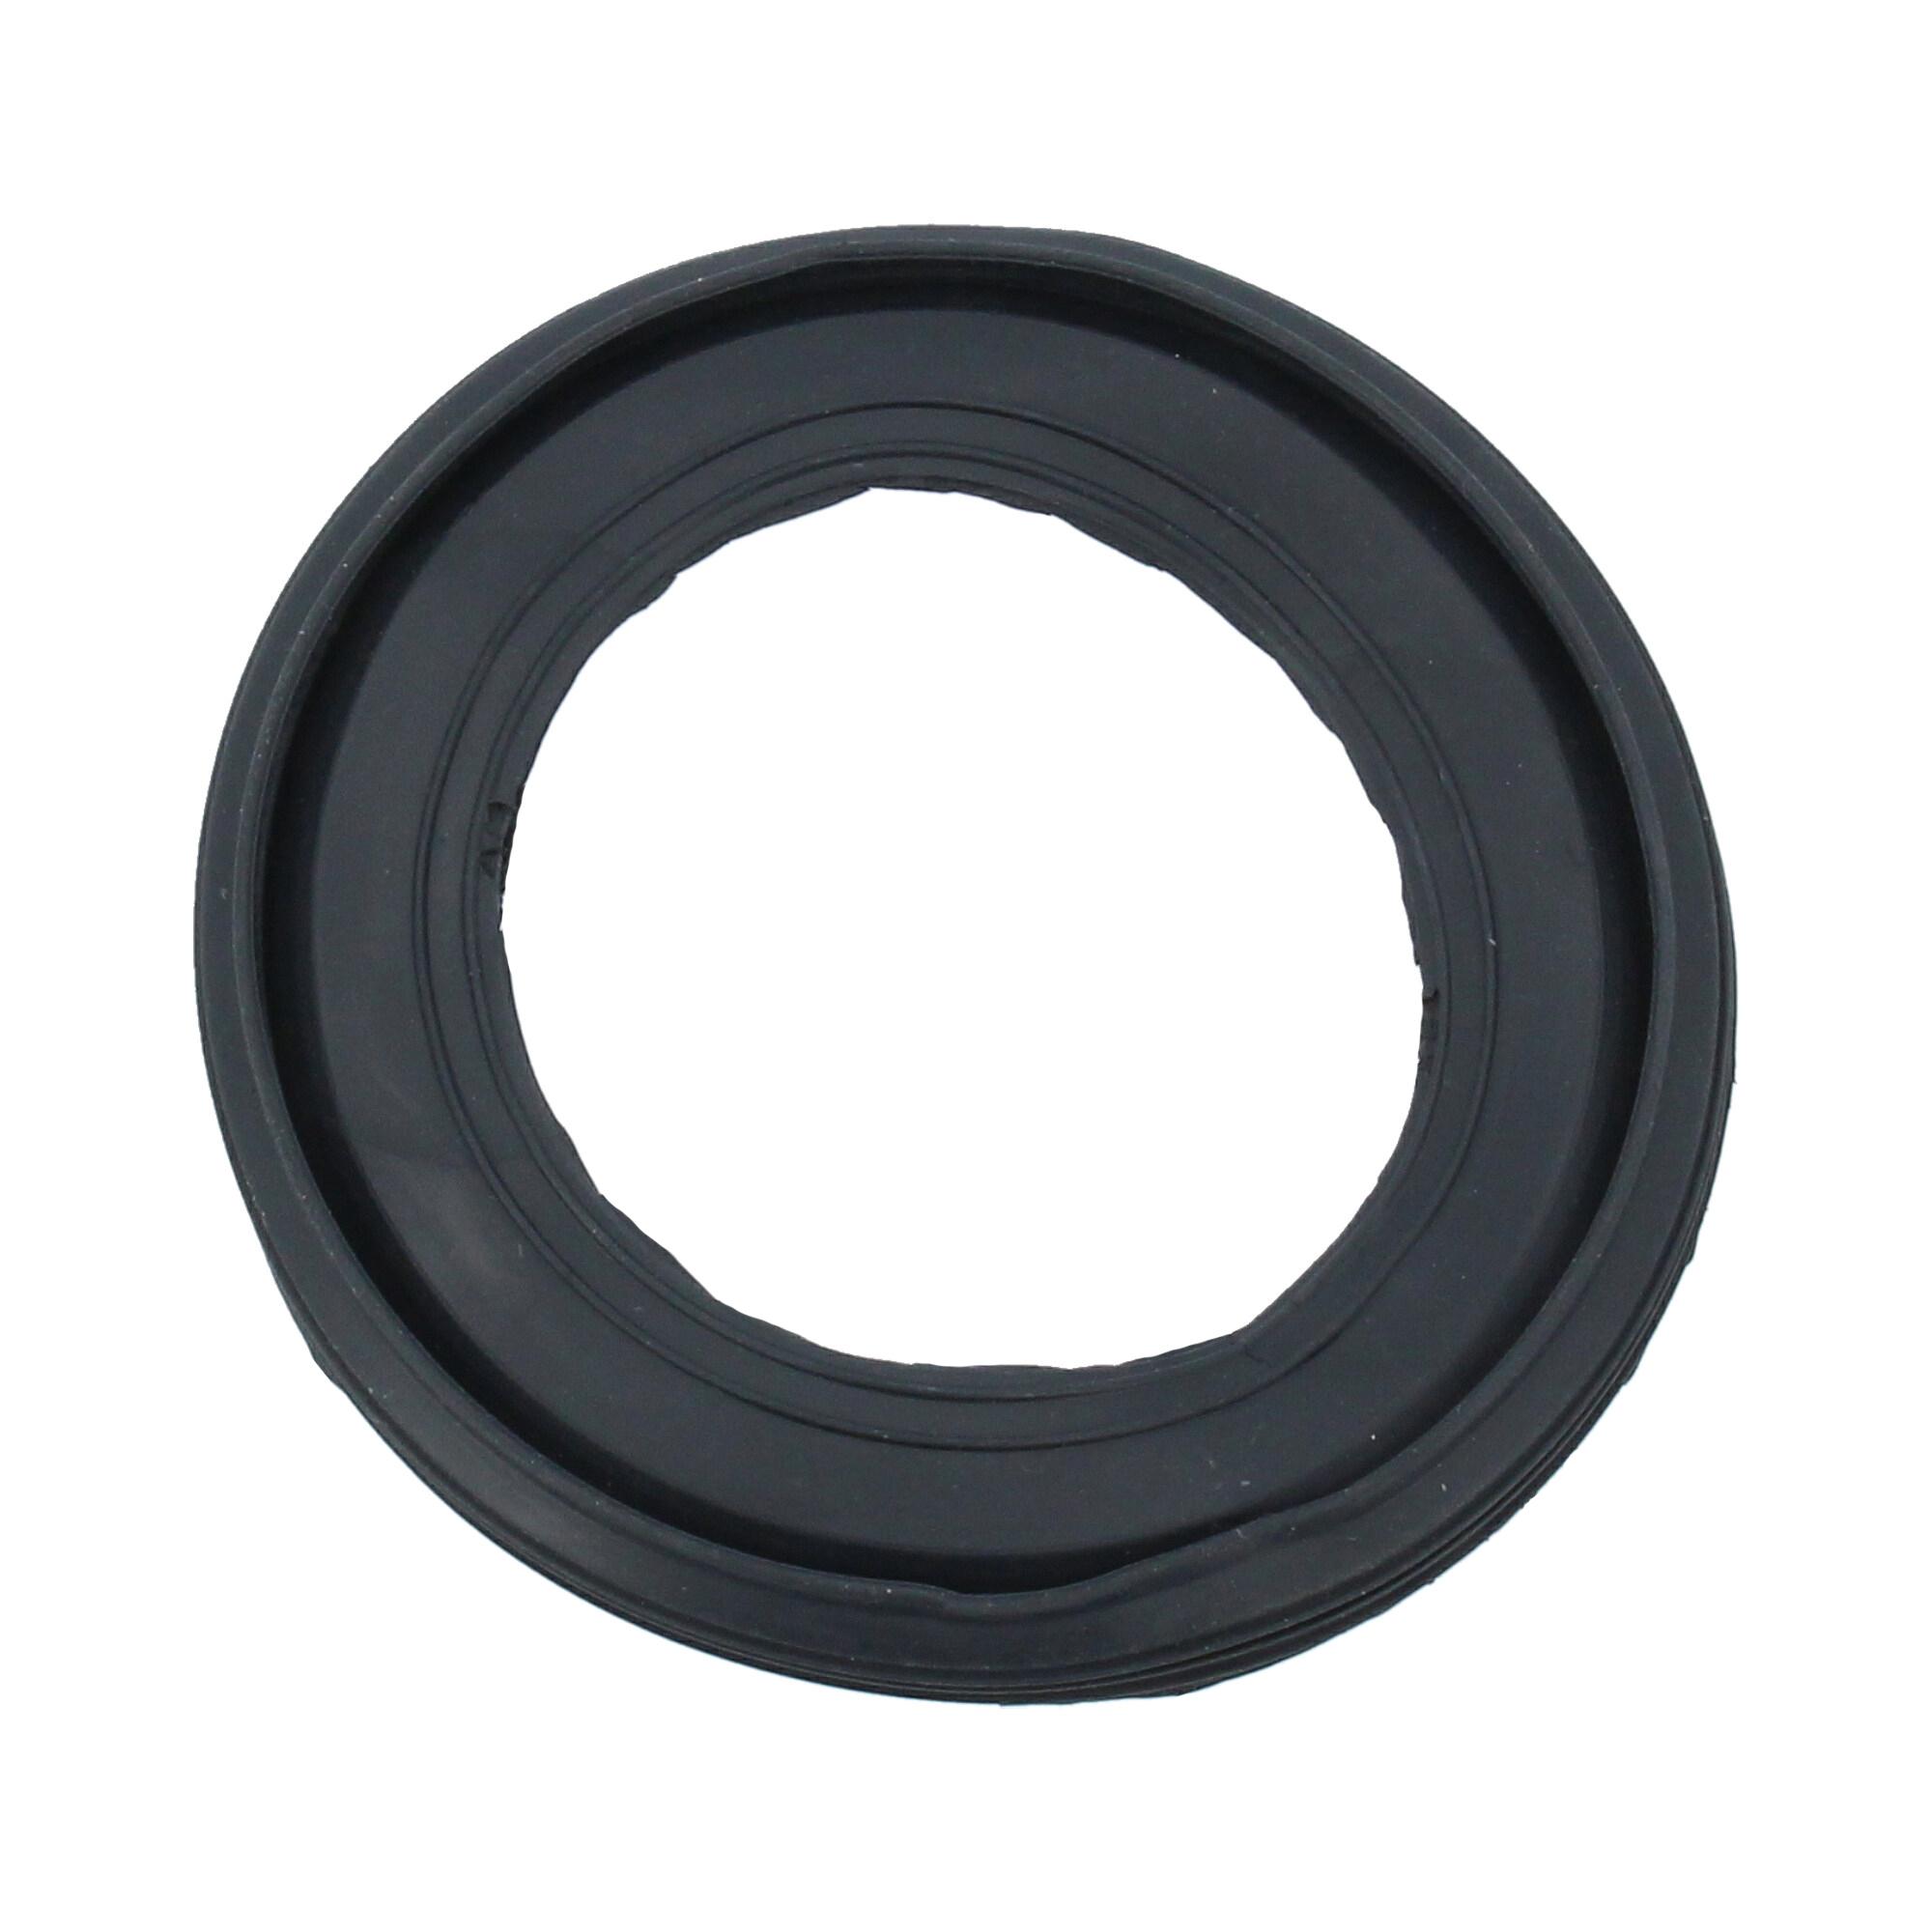 Uszczelka przyłącz kolan 110 mm czarny